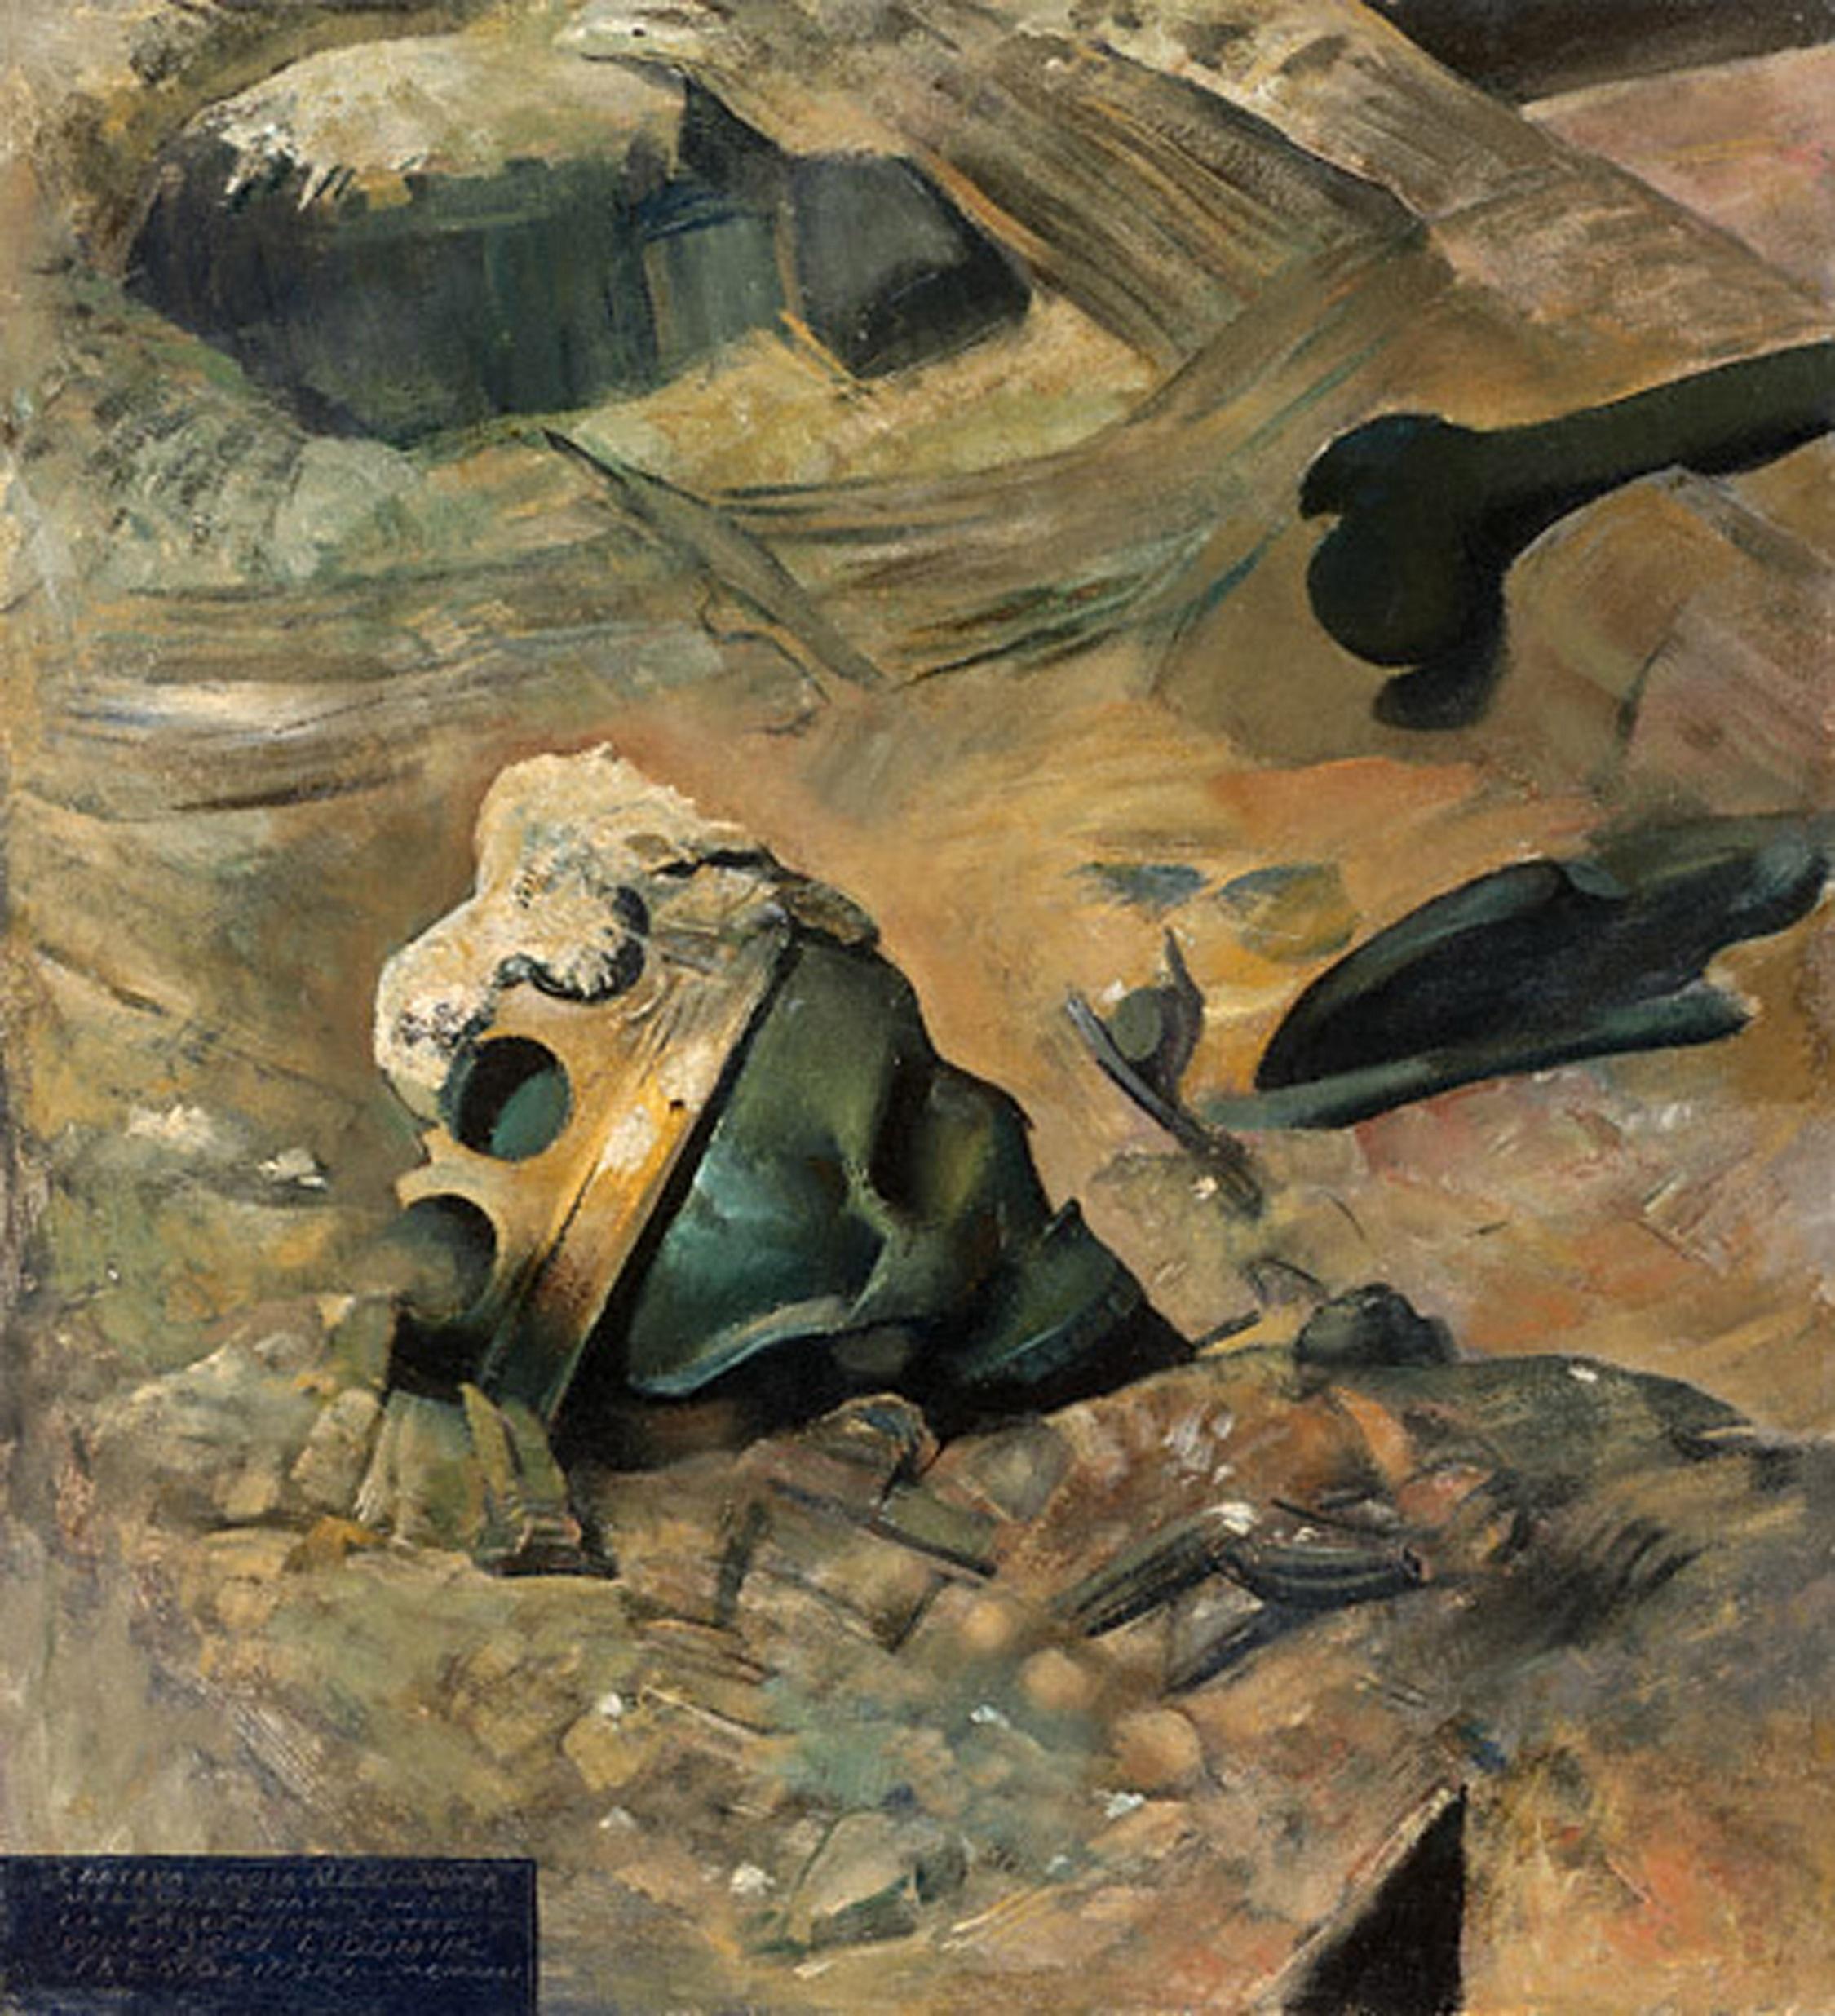 9 pav. Aleksandro Jogailaičio kaukolė. Aut. L. Slendzinskis. Aliejus, fanera 59,5 x 54,5 cm (LDM T-4276)